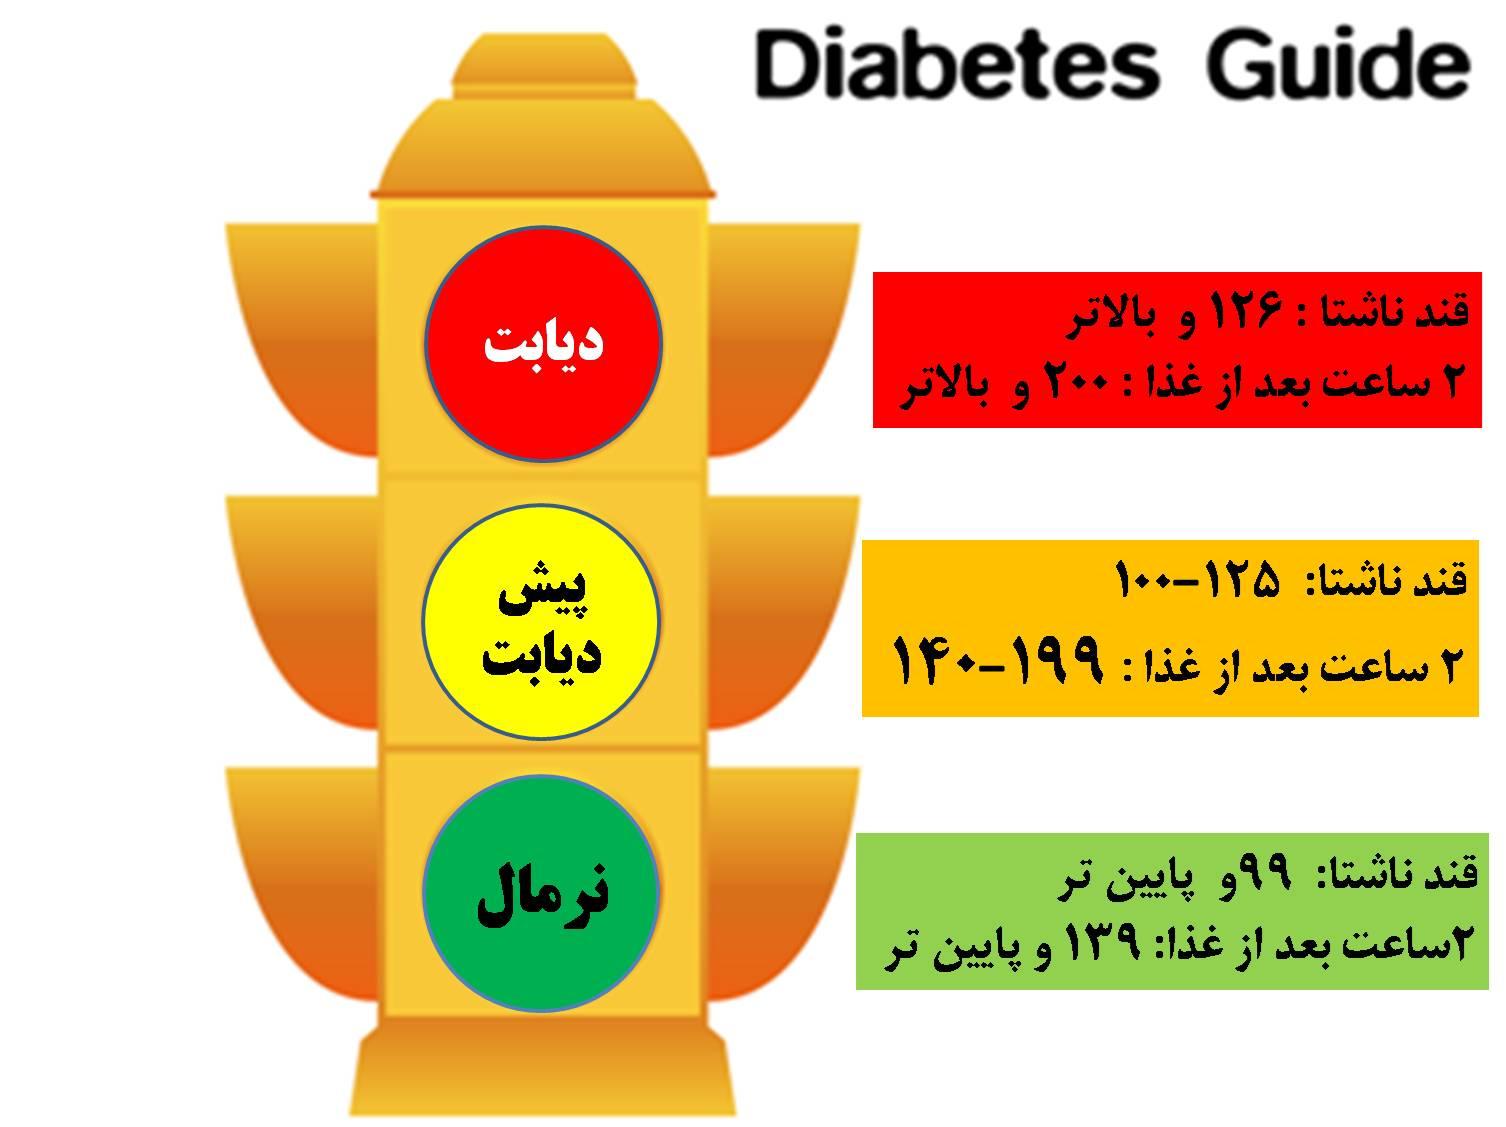 چه تفاوتی بین کتوز و کتواسیدوز دیابتی وجود دارد؟